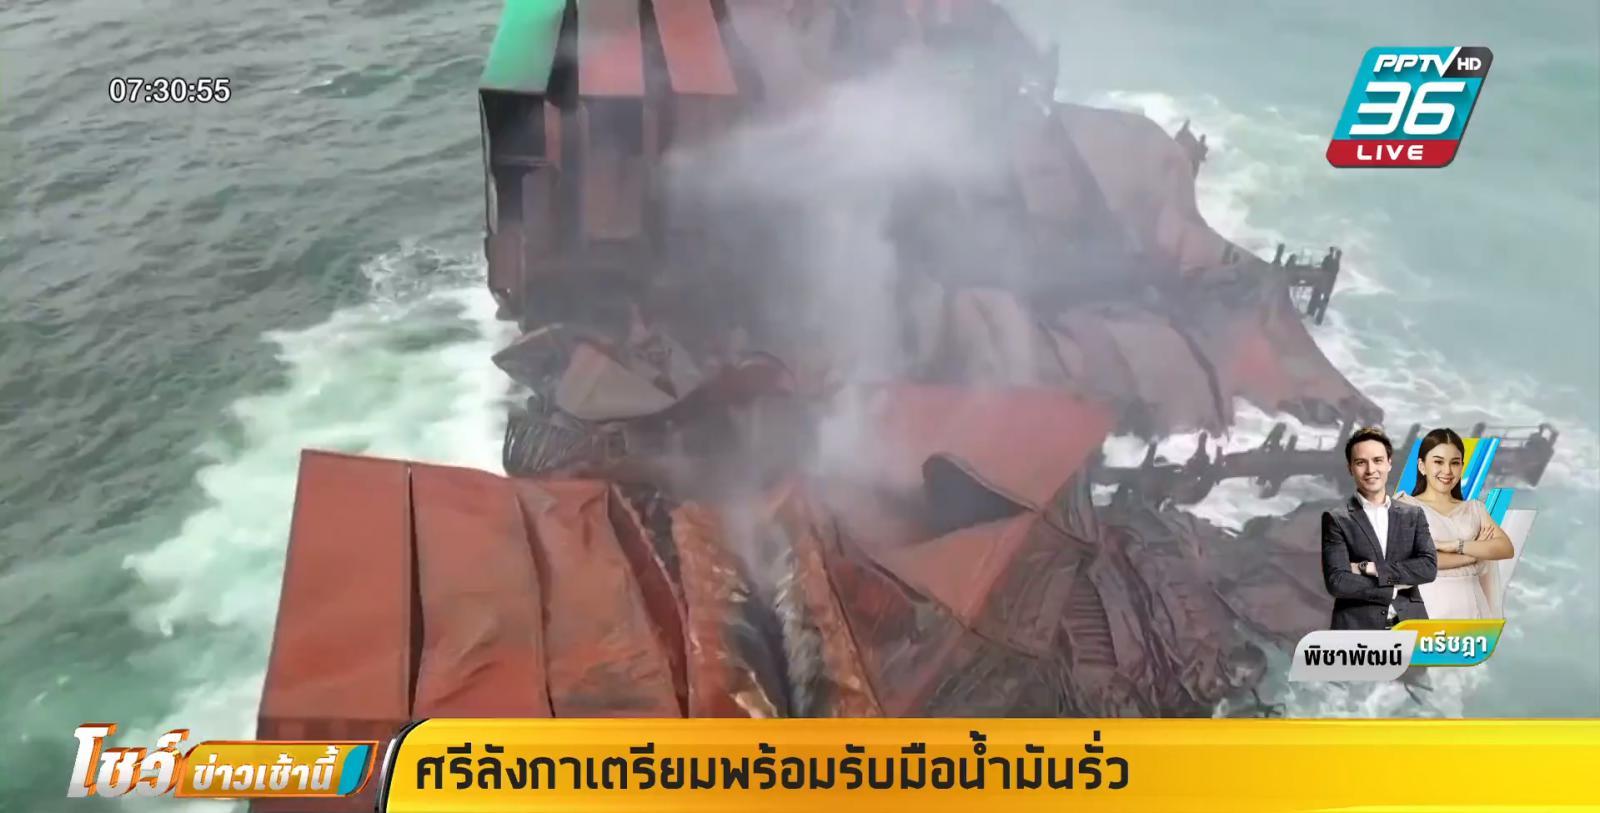 ศรีลังกา เตรียมพร้อมรับมือน้ำมันรั่ว จากซากเรือบรรทุกสินค้าถูกไฟไหม้